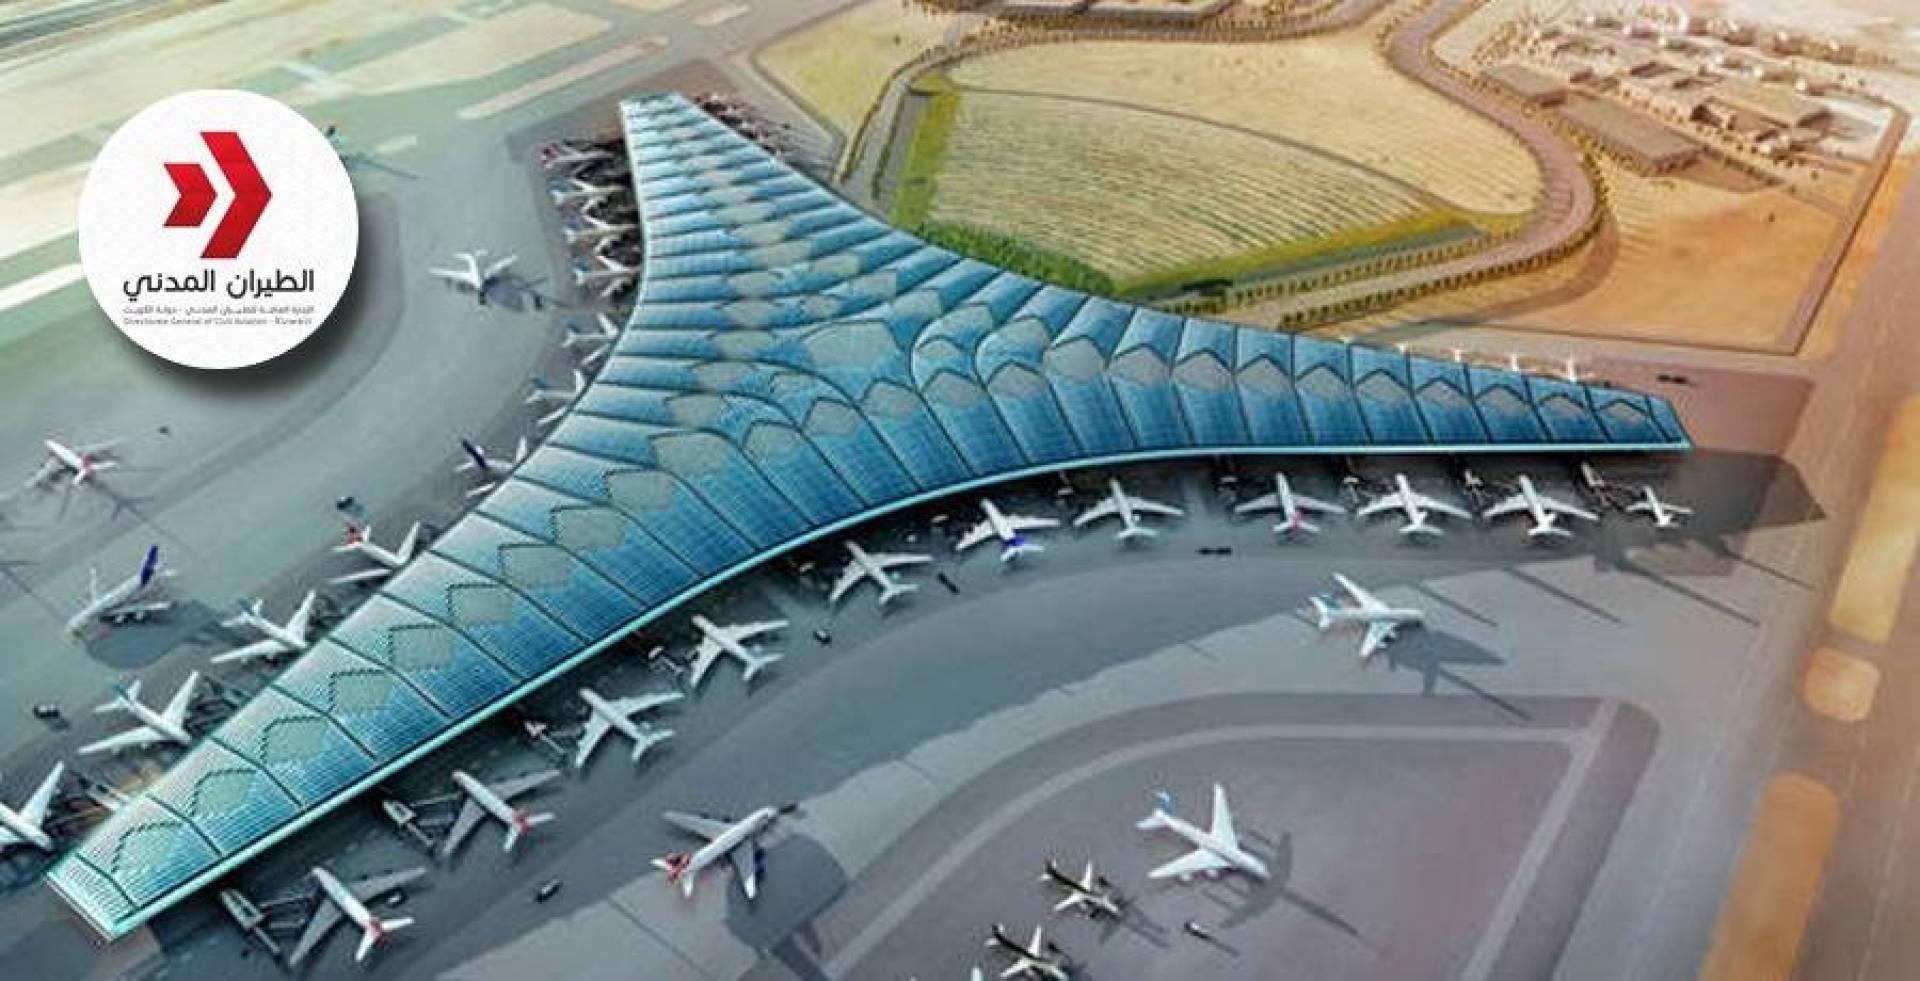 الطيران المدني لـ«شركات الطيران»: استثناء الحالات الإنسانية من قرار تقليص أعداد القادمين إلى الكويت